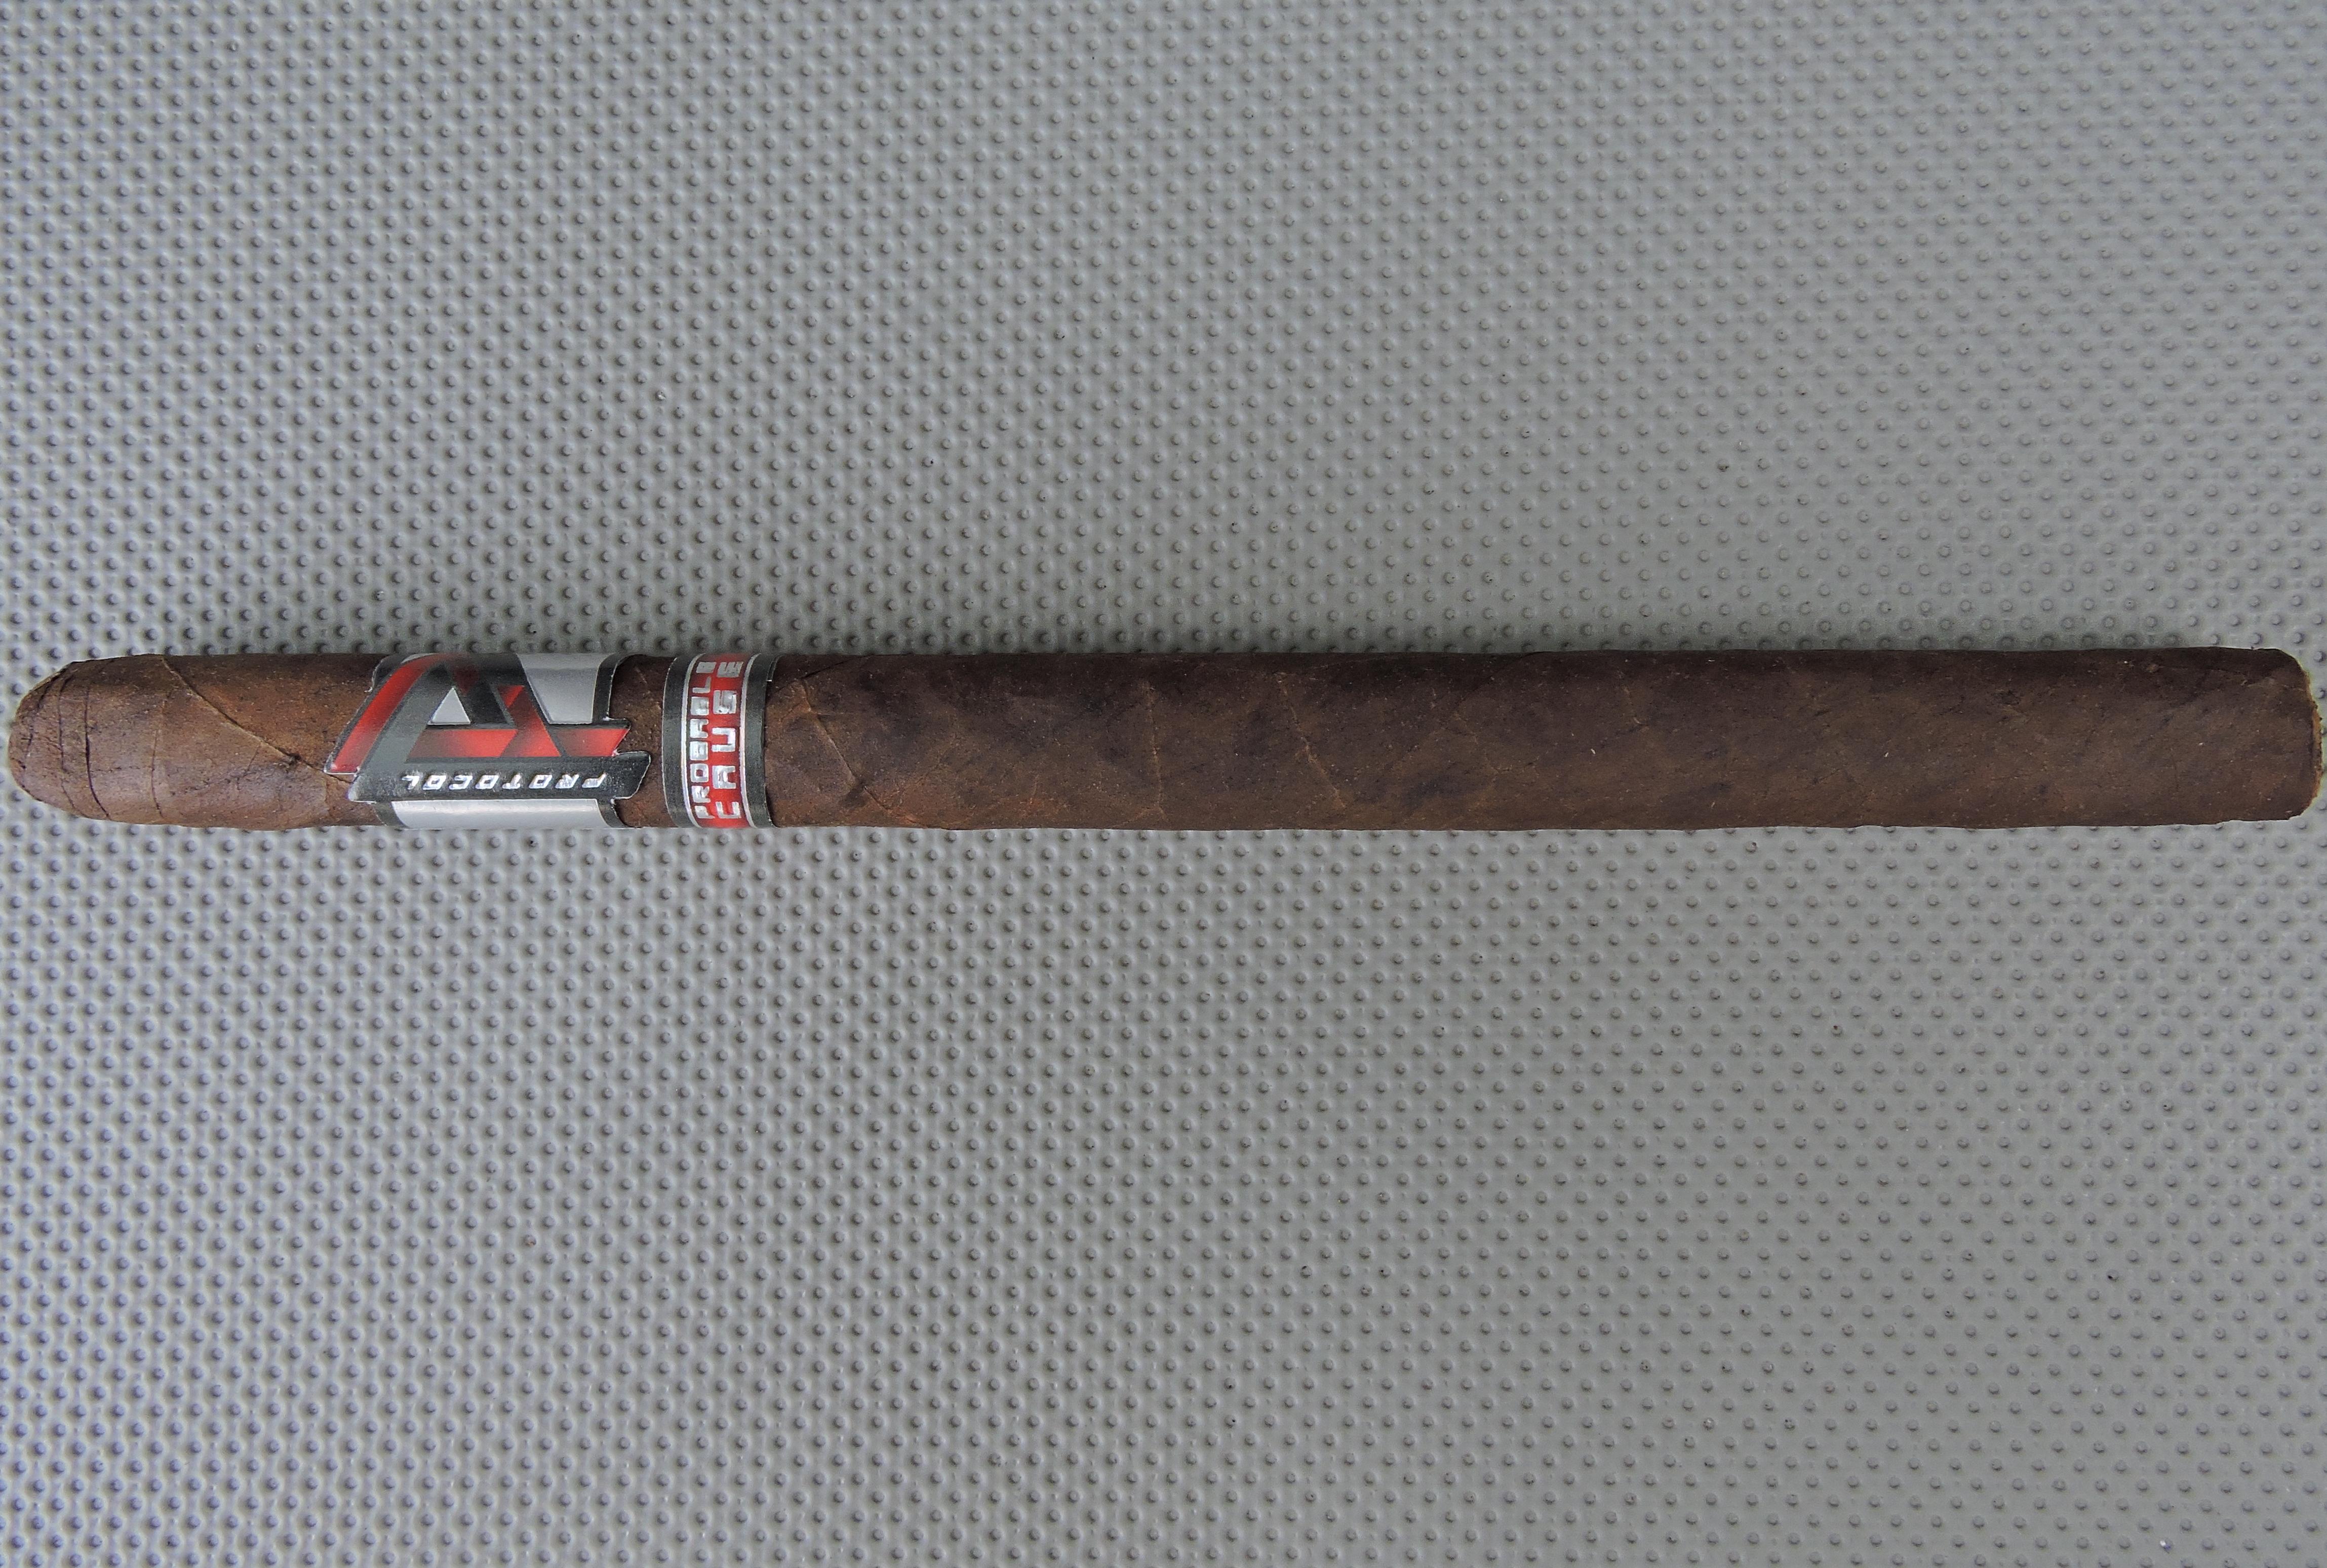 Cigar Review: Protocol Probable Cause Lancero by Cubariqueño Cigar Company